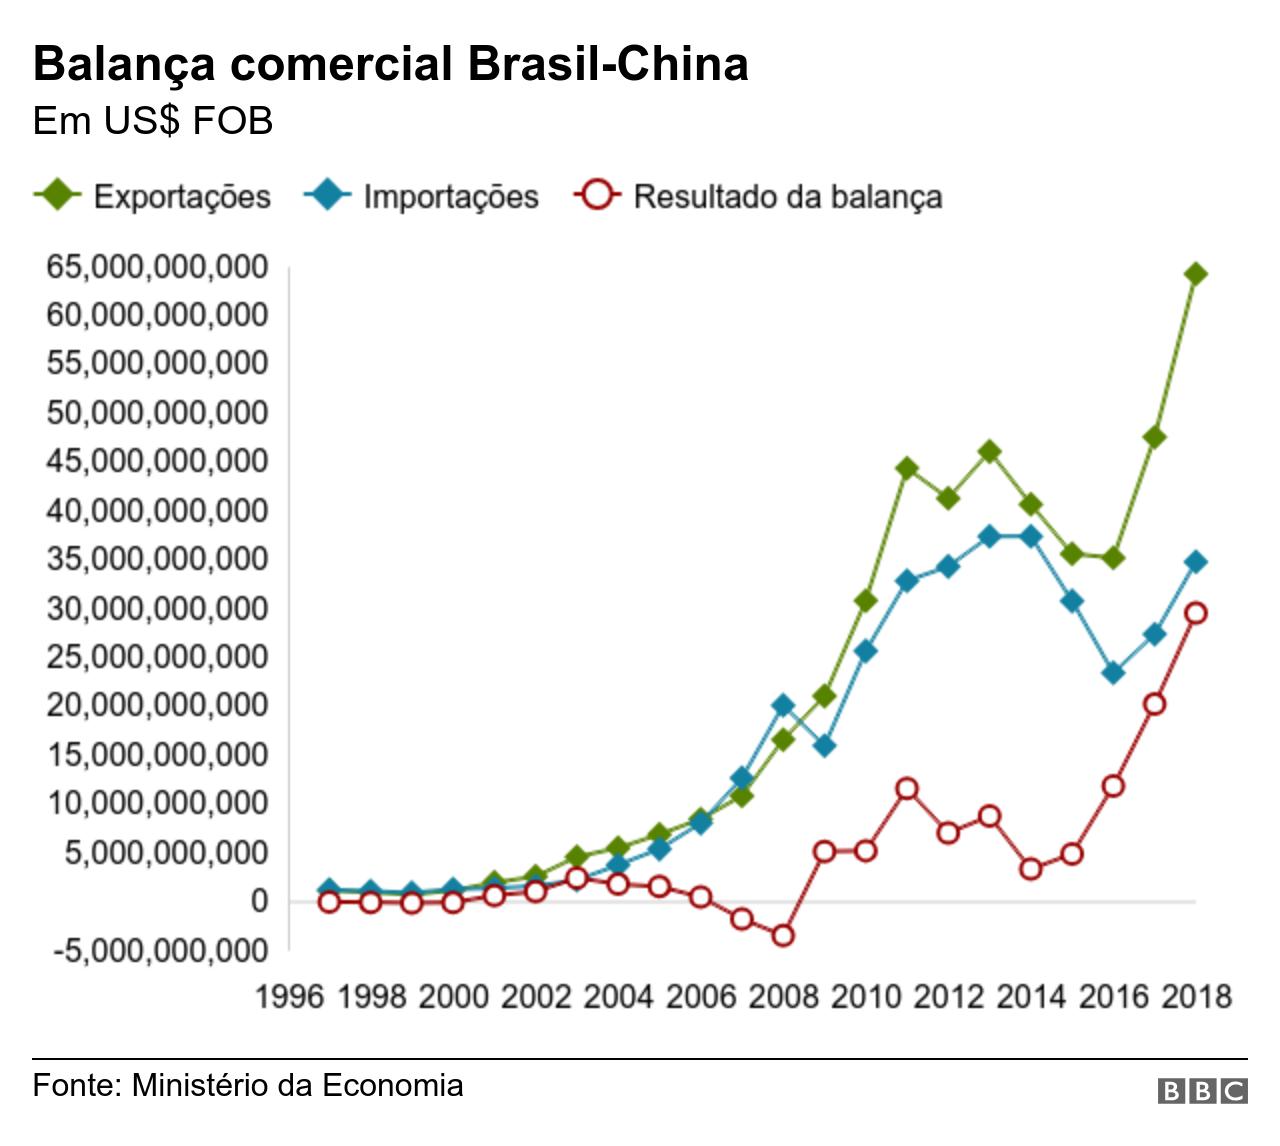 Balança comercial Brasil-China